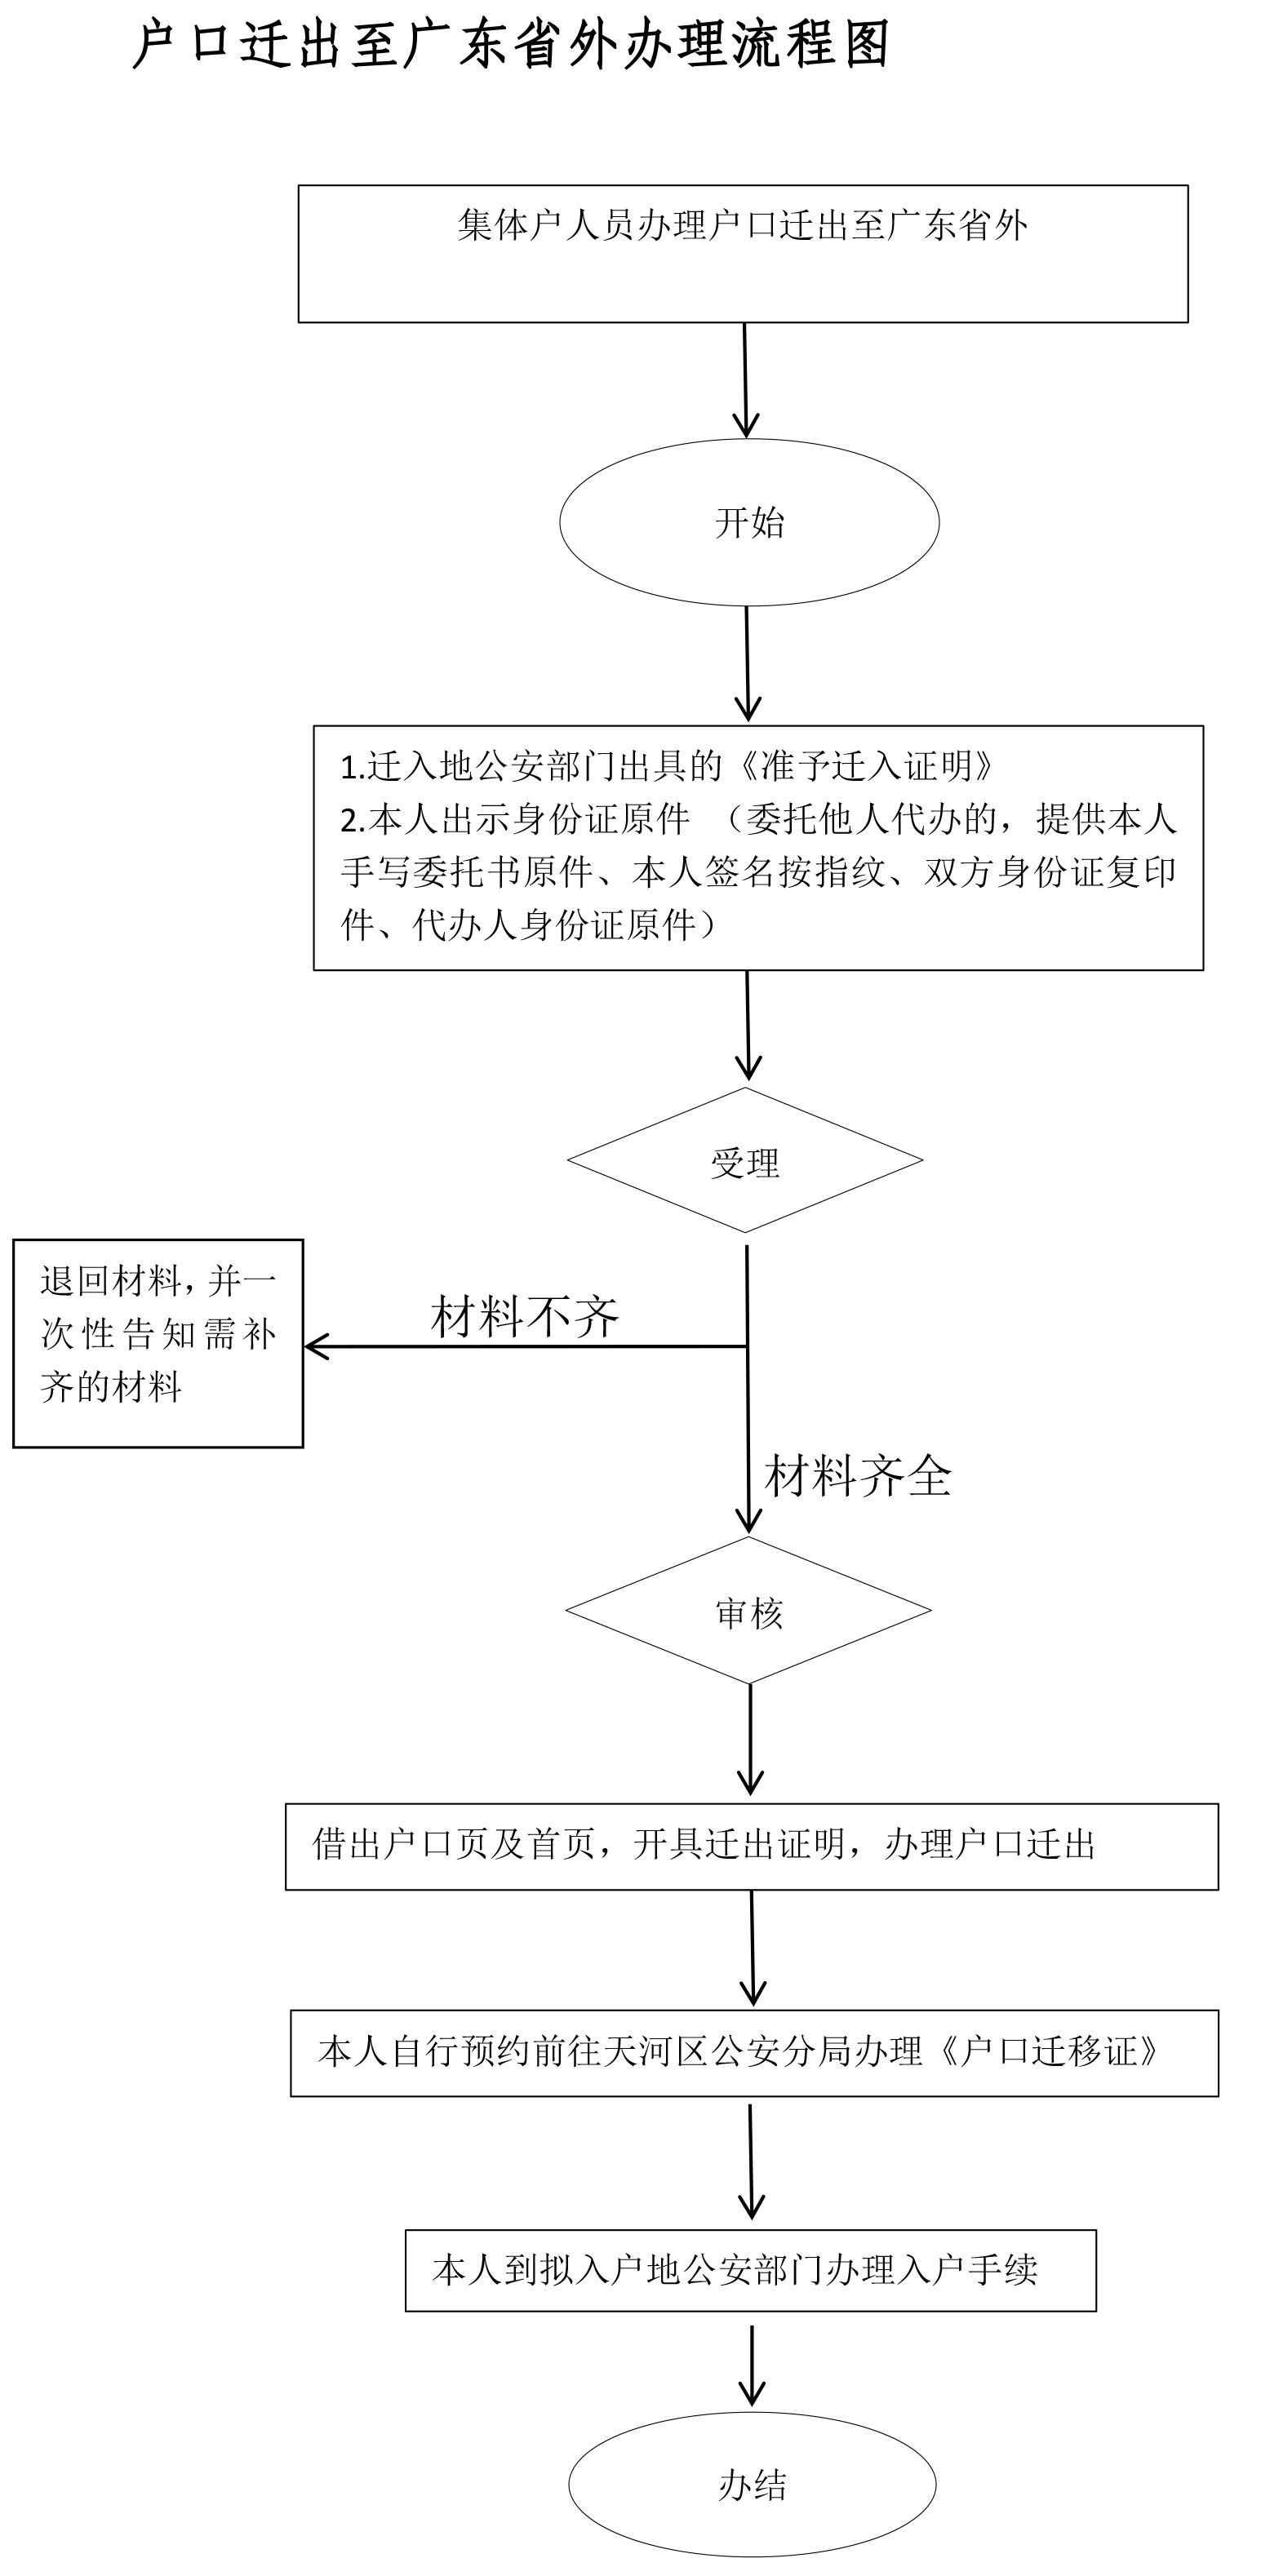 户口迁广东省外流程图